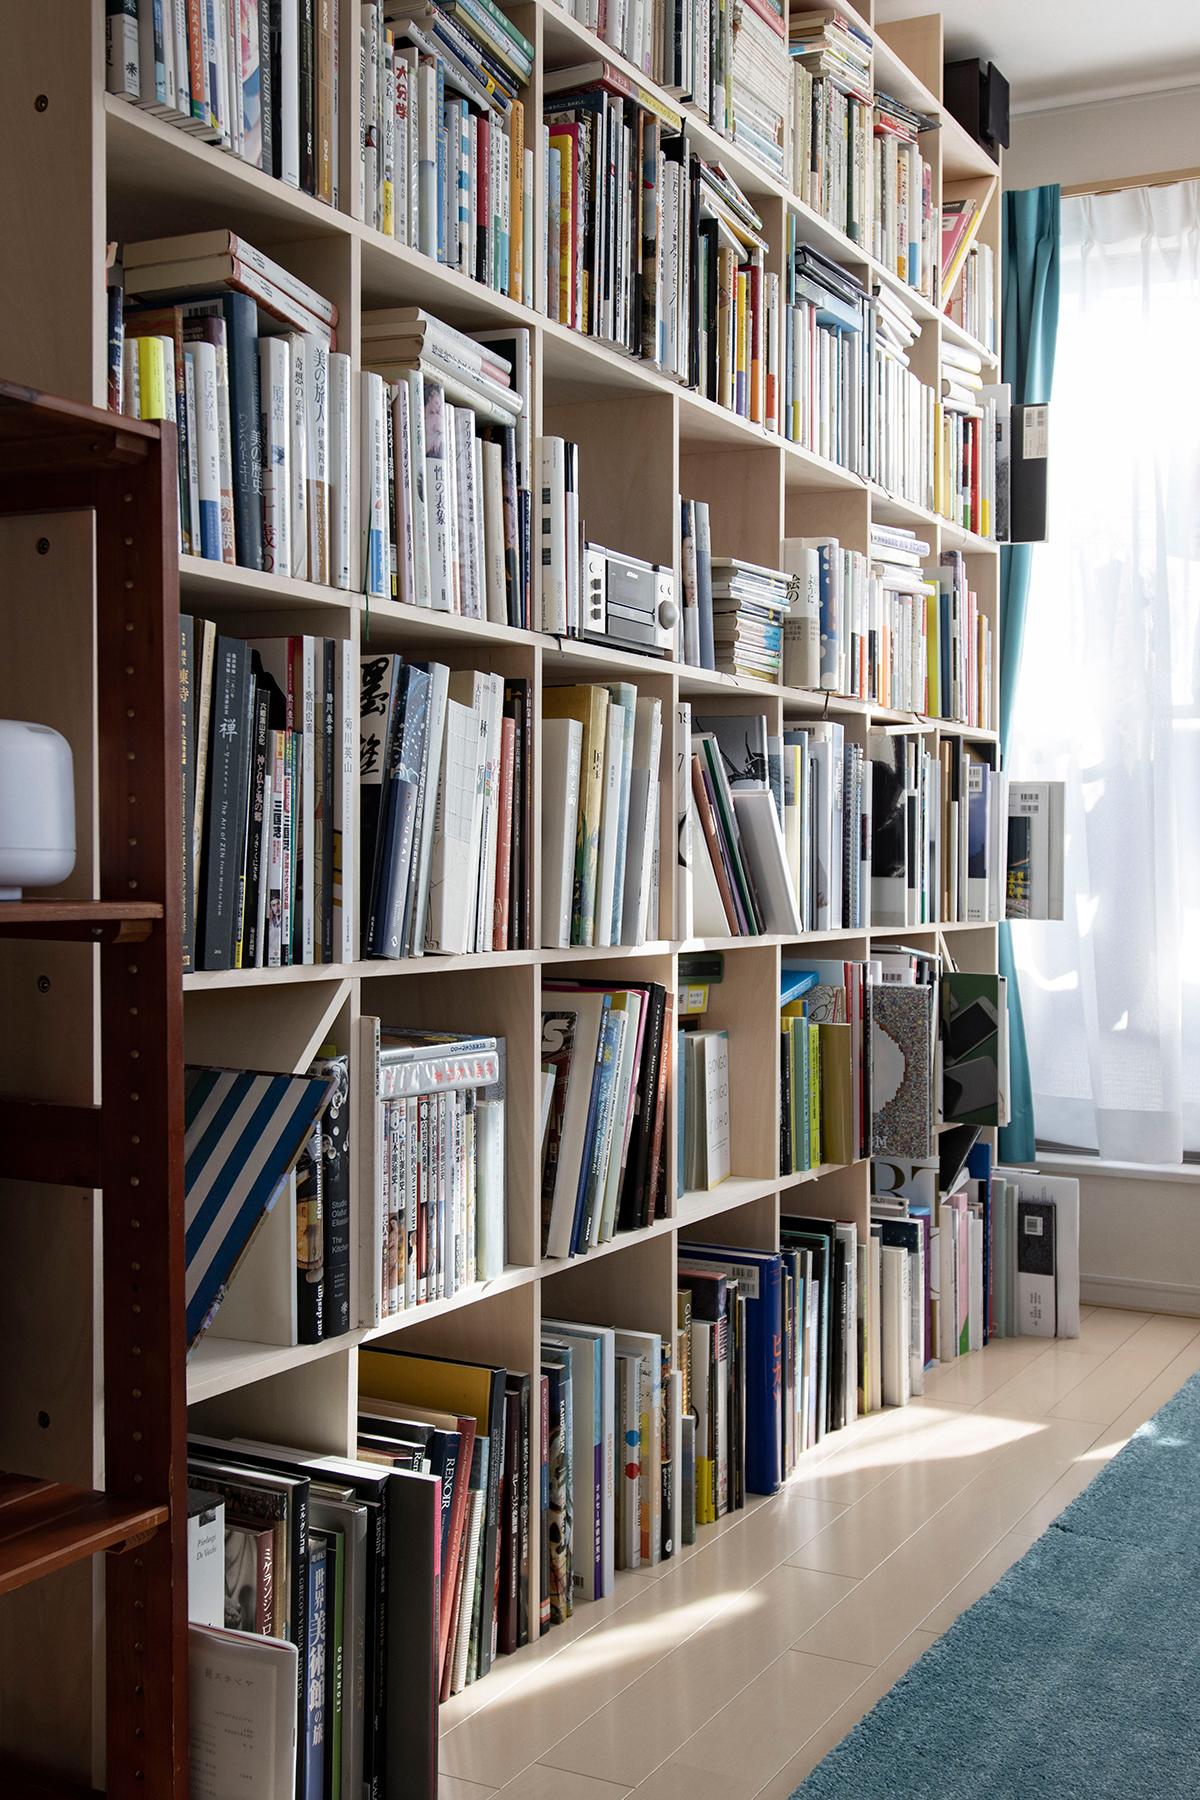 ワークデスクがある書斎の様子